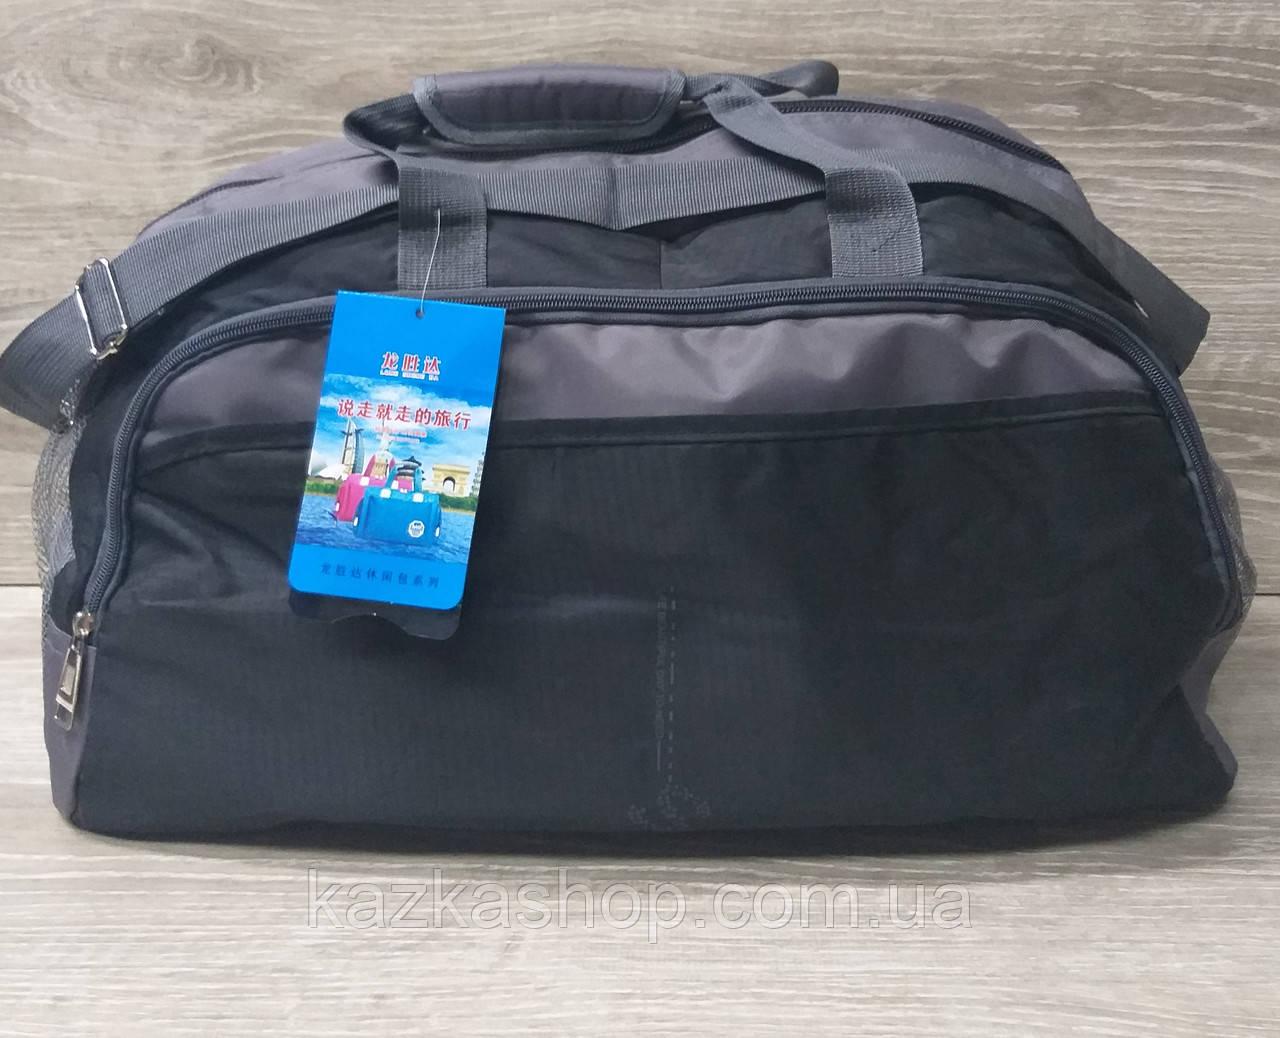 Дорожная сумка хорошего качества, среднего размера 52х28х25 см, плотный материал, ножки на дне сумке